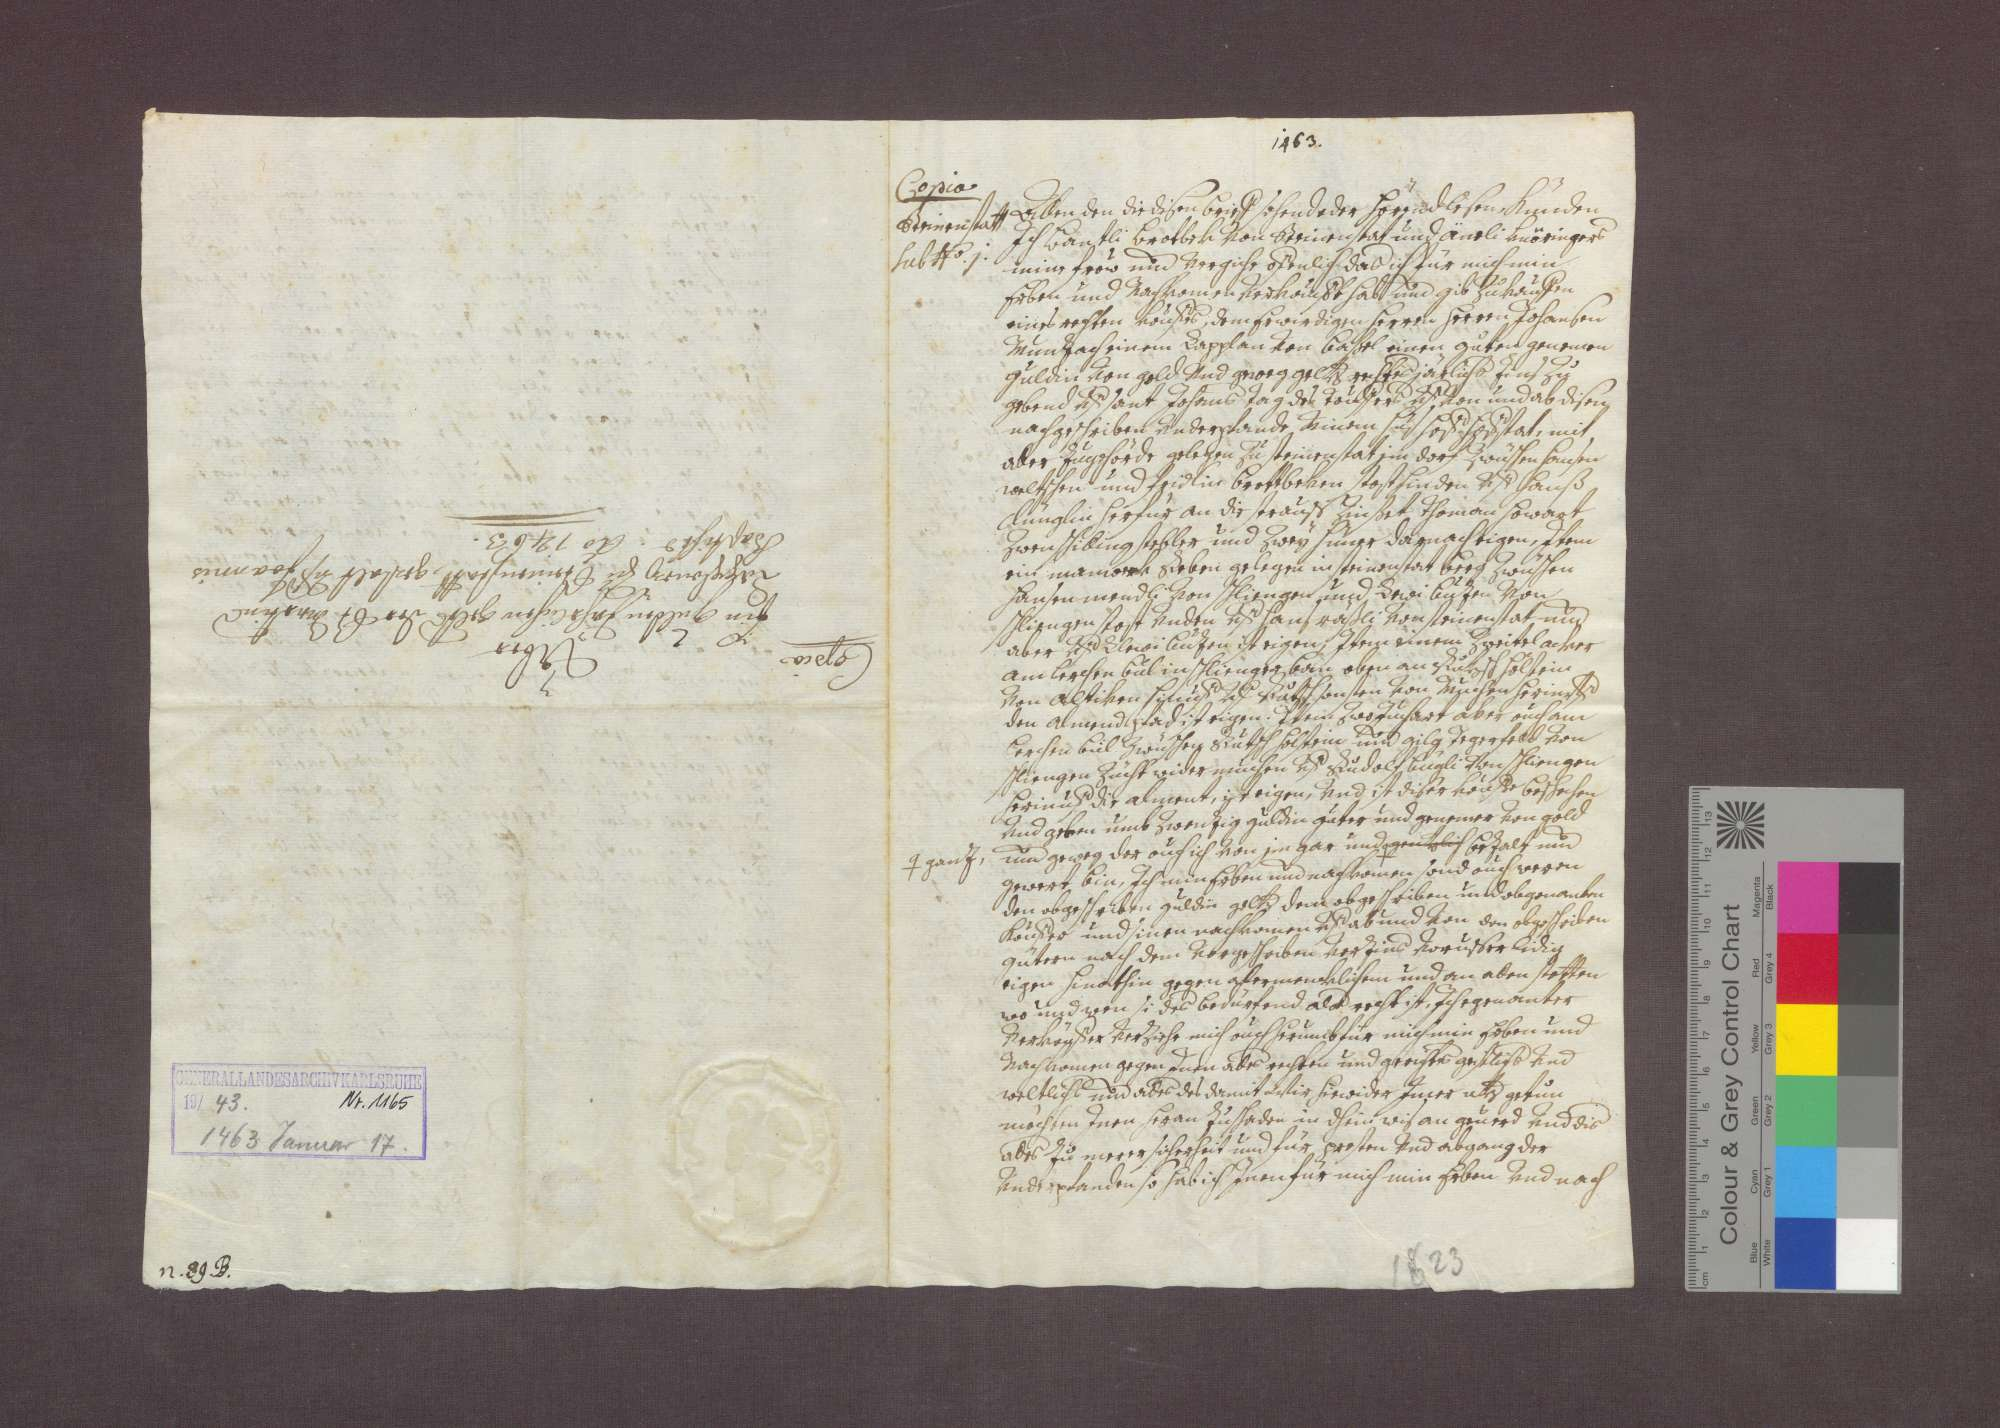 Gültverschreibung des Bantli Brodbeck zu Steinenstadt gegenüber dem Basler Kaplan Johannes Munzach., Bild 1